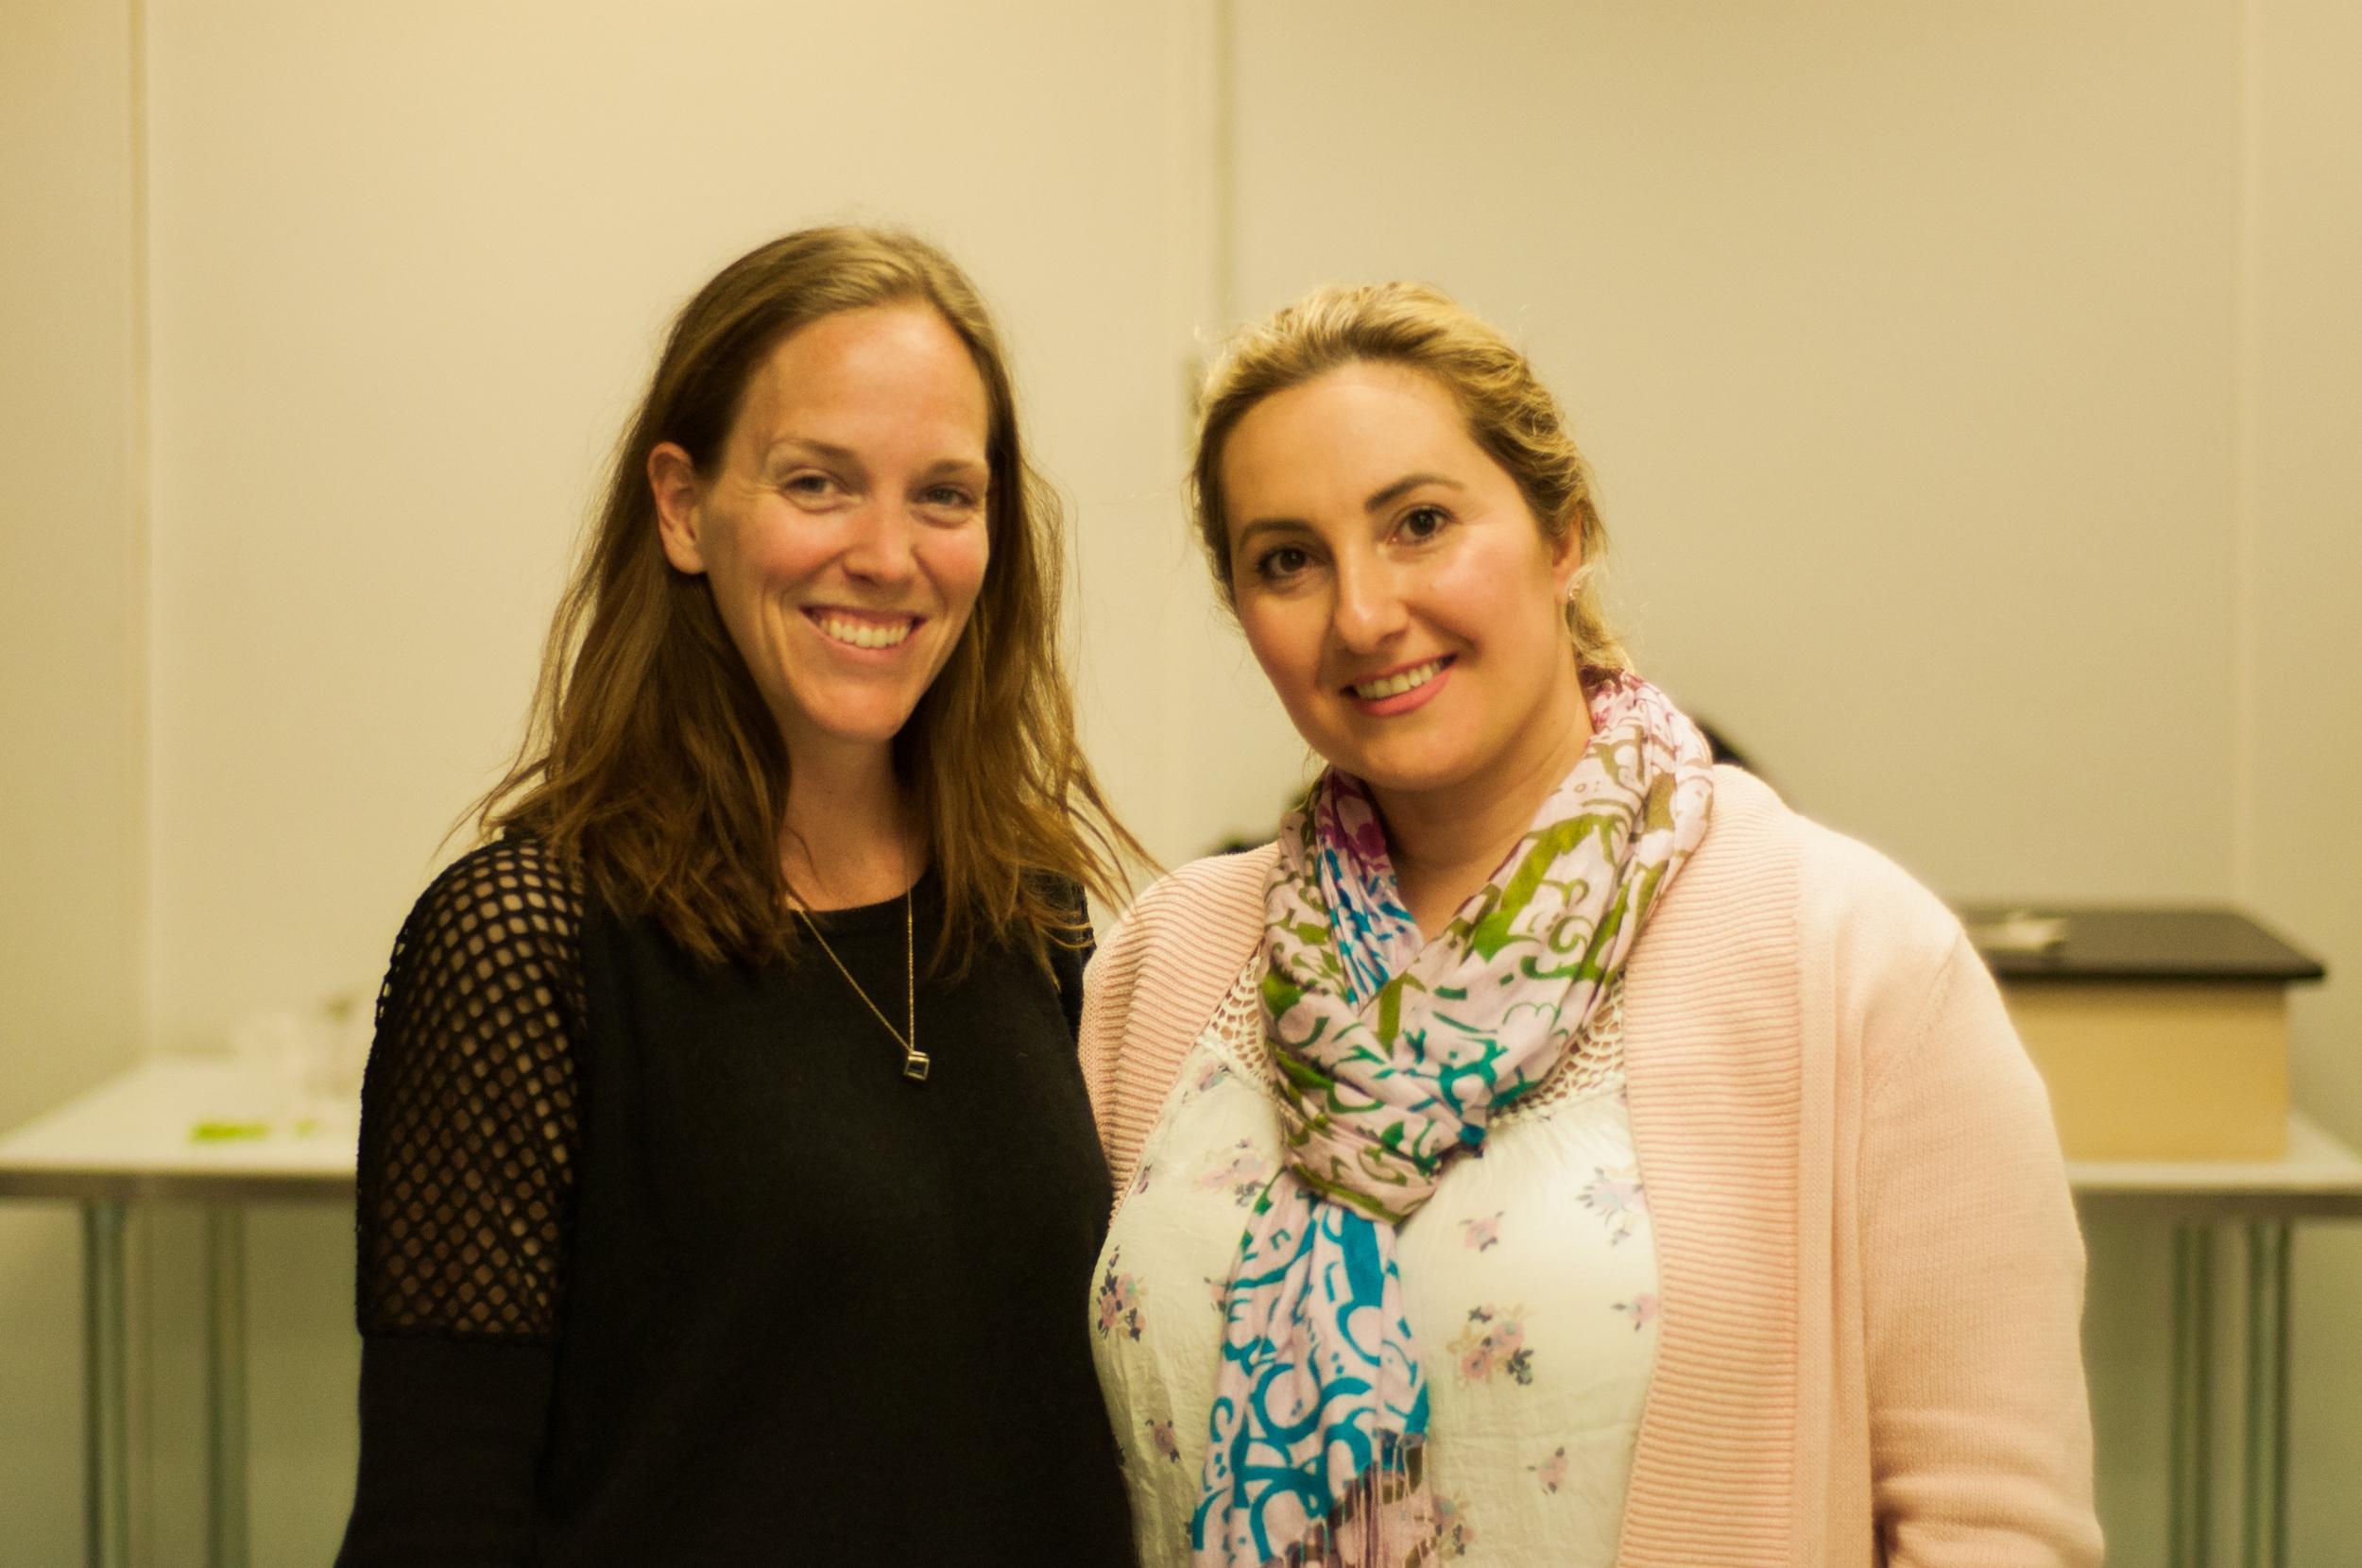 Geneviève Comeau (à gauche) s'est jointe à l'équipe en tant que chargée des communications. A droite, Adelle Tarzibachi, l'une des fondatrices. ©Inès Marandon